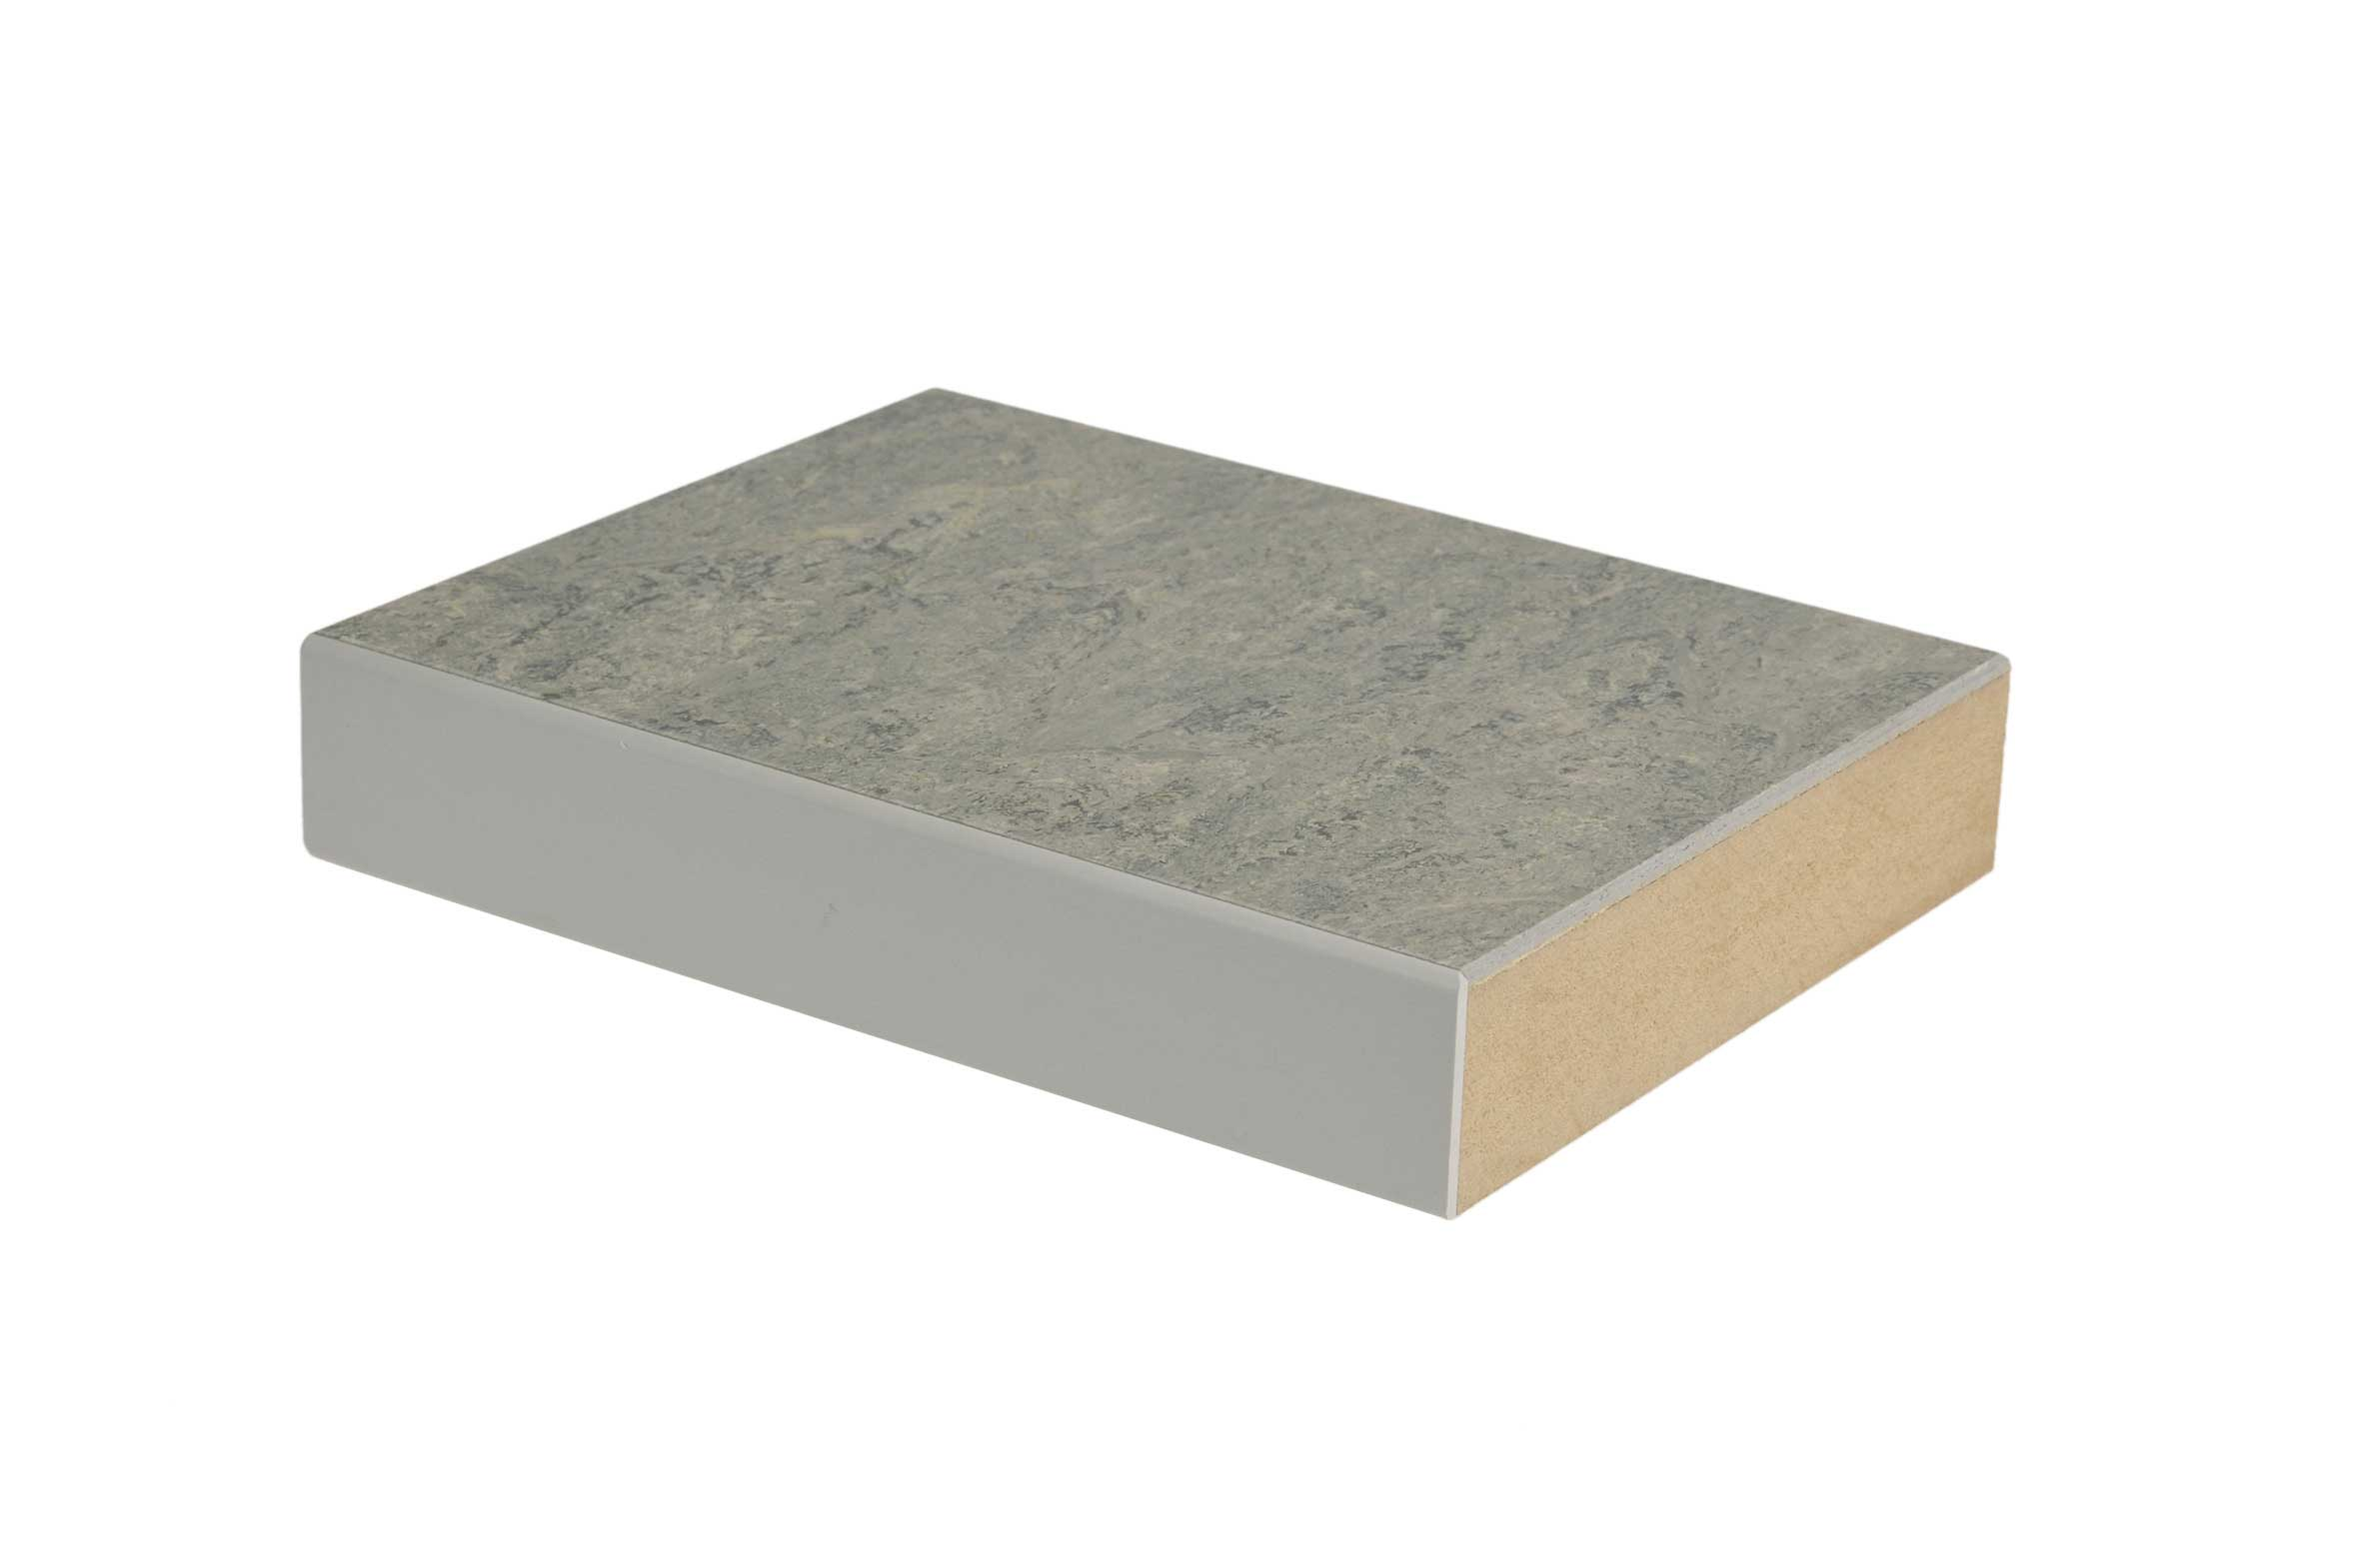 mdf-platte mit hpl-belag 150-75-30-0,7 | werkbankplatten | werkbänke